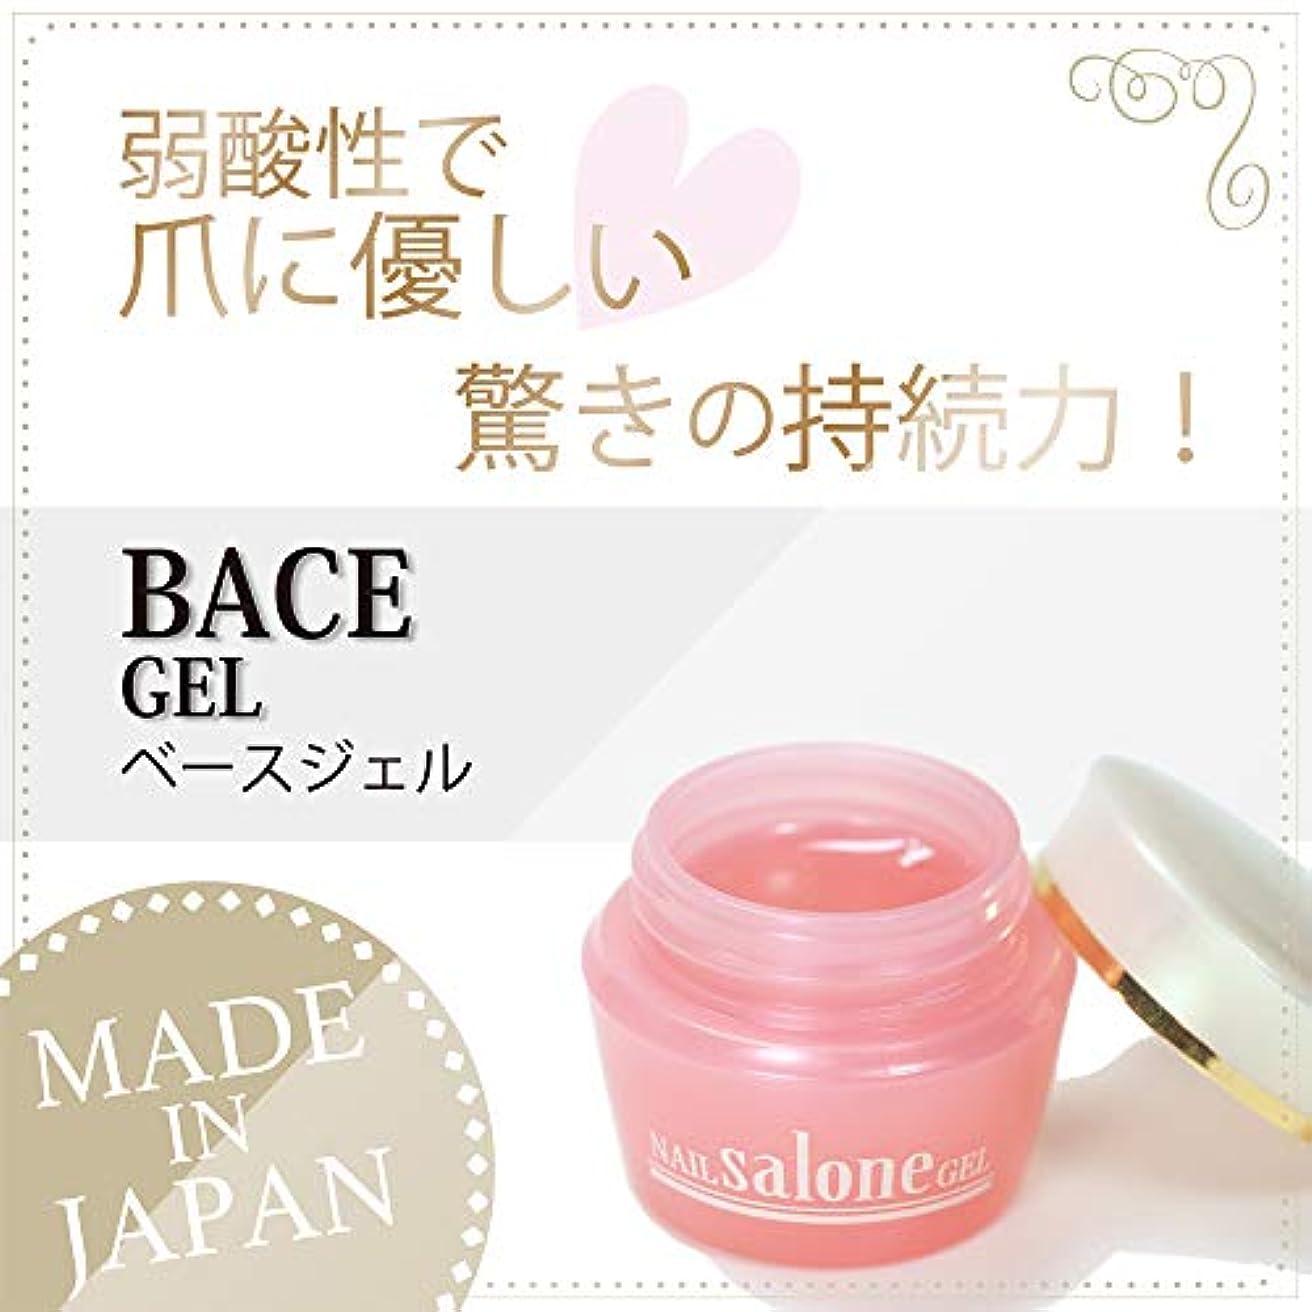 失う設置悪行Salone gel サローネ ベースジェル 爪に優しい 日本製 驚きの密着力 リムーバーでオフも簡単3g